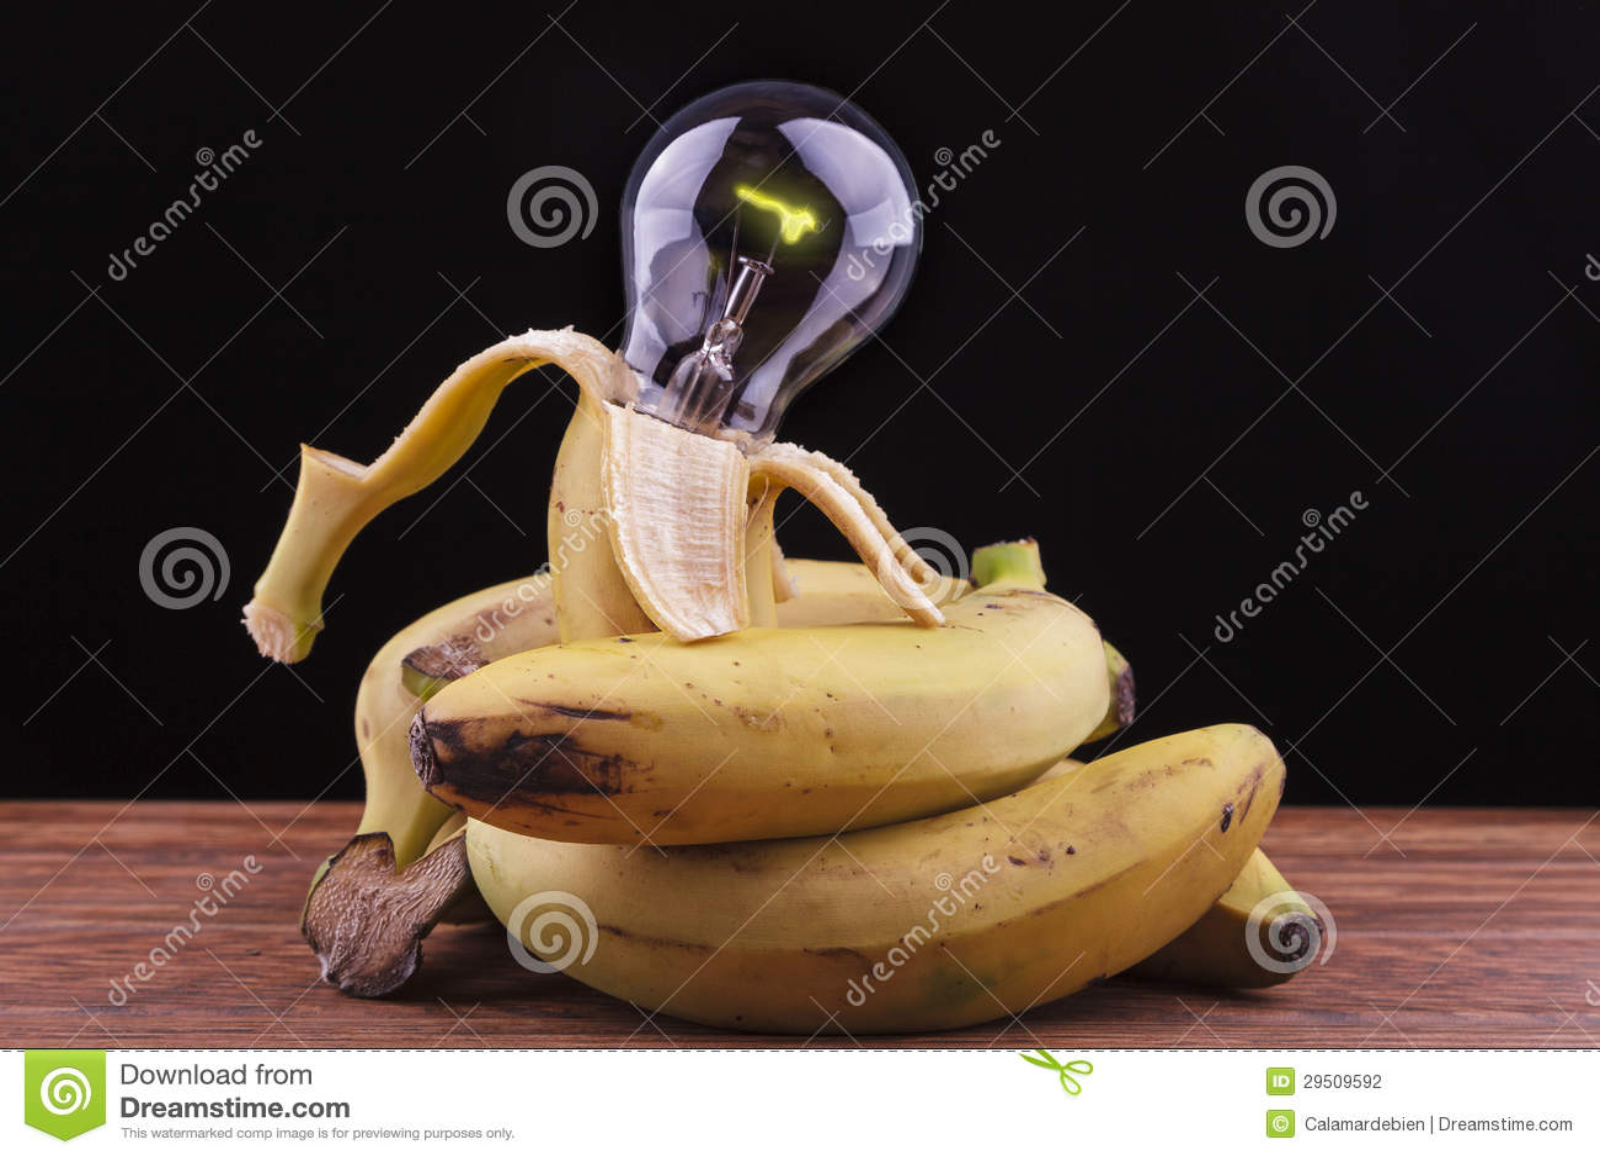 Bananen die een bol omringen